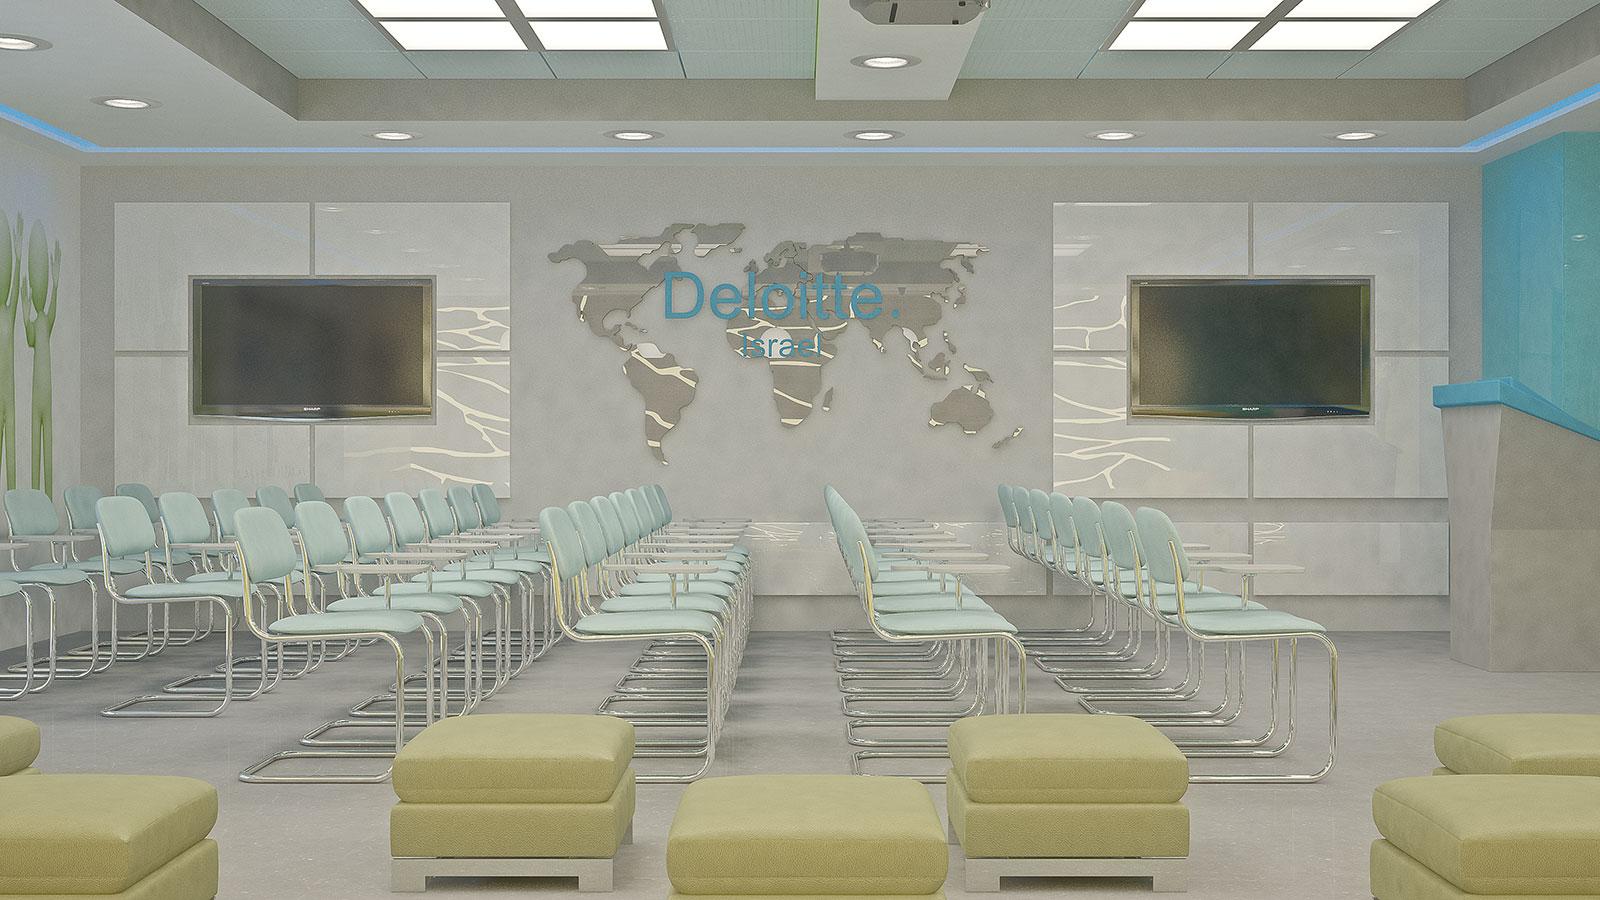 DELOITTE-5